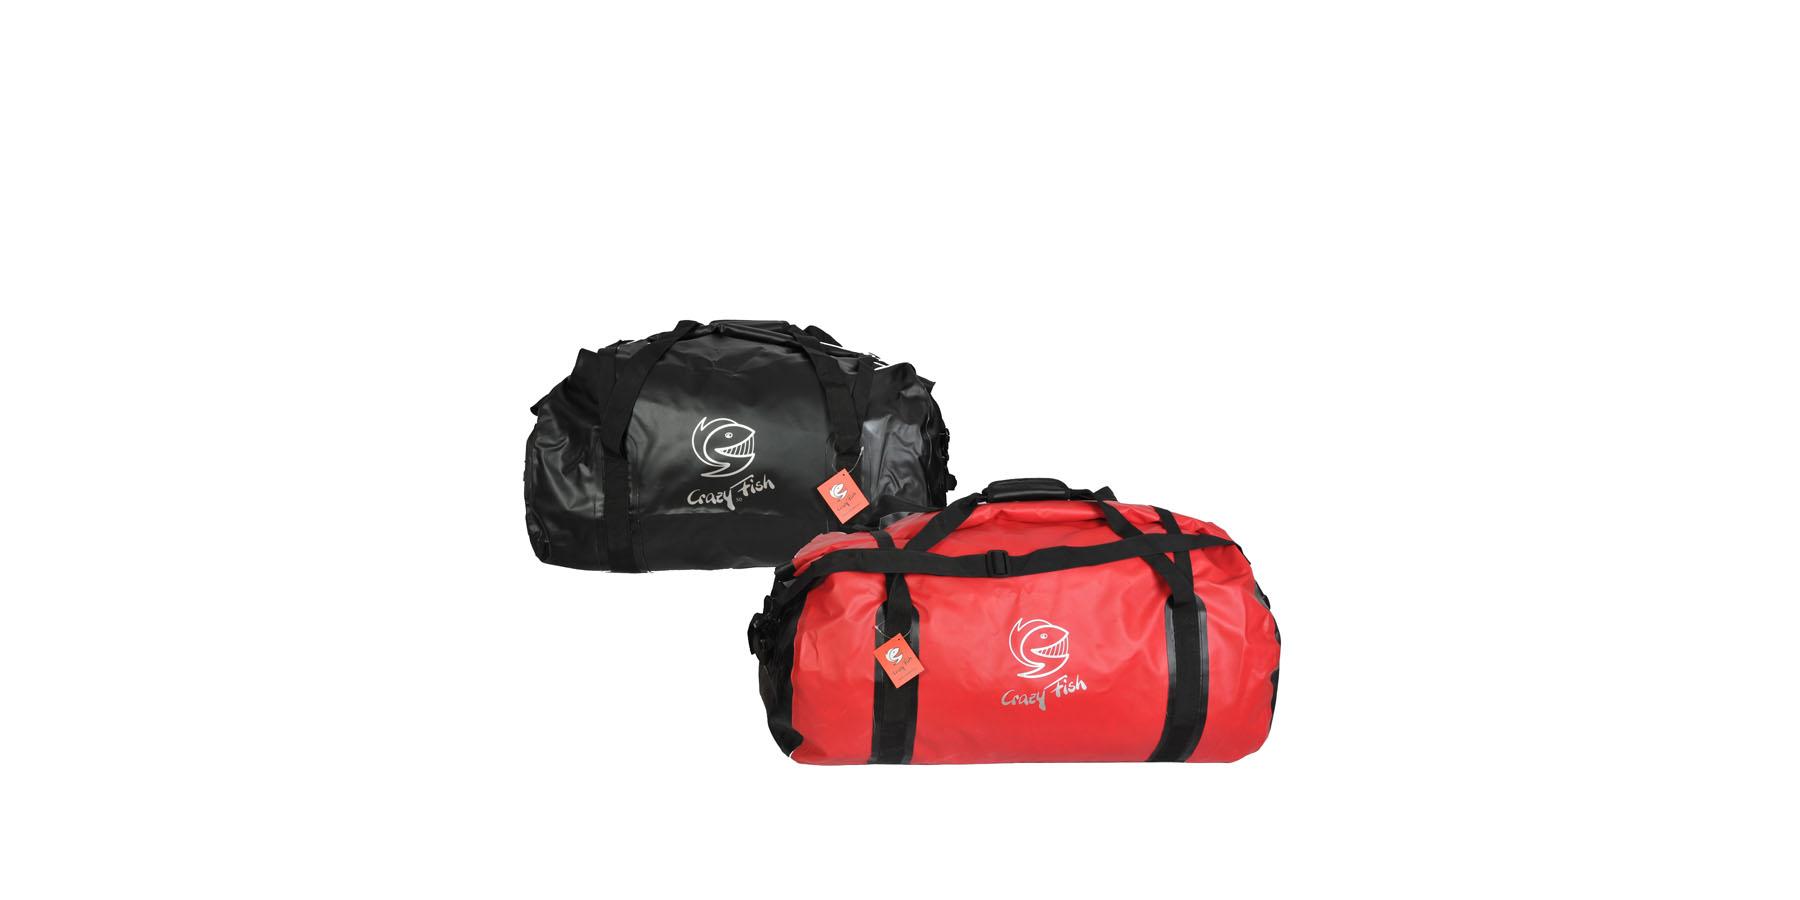 voyager crazyfish - Un sac étanche pour abriter vos petites affaires